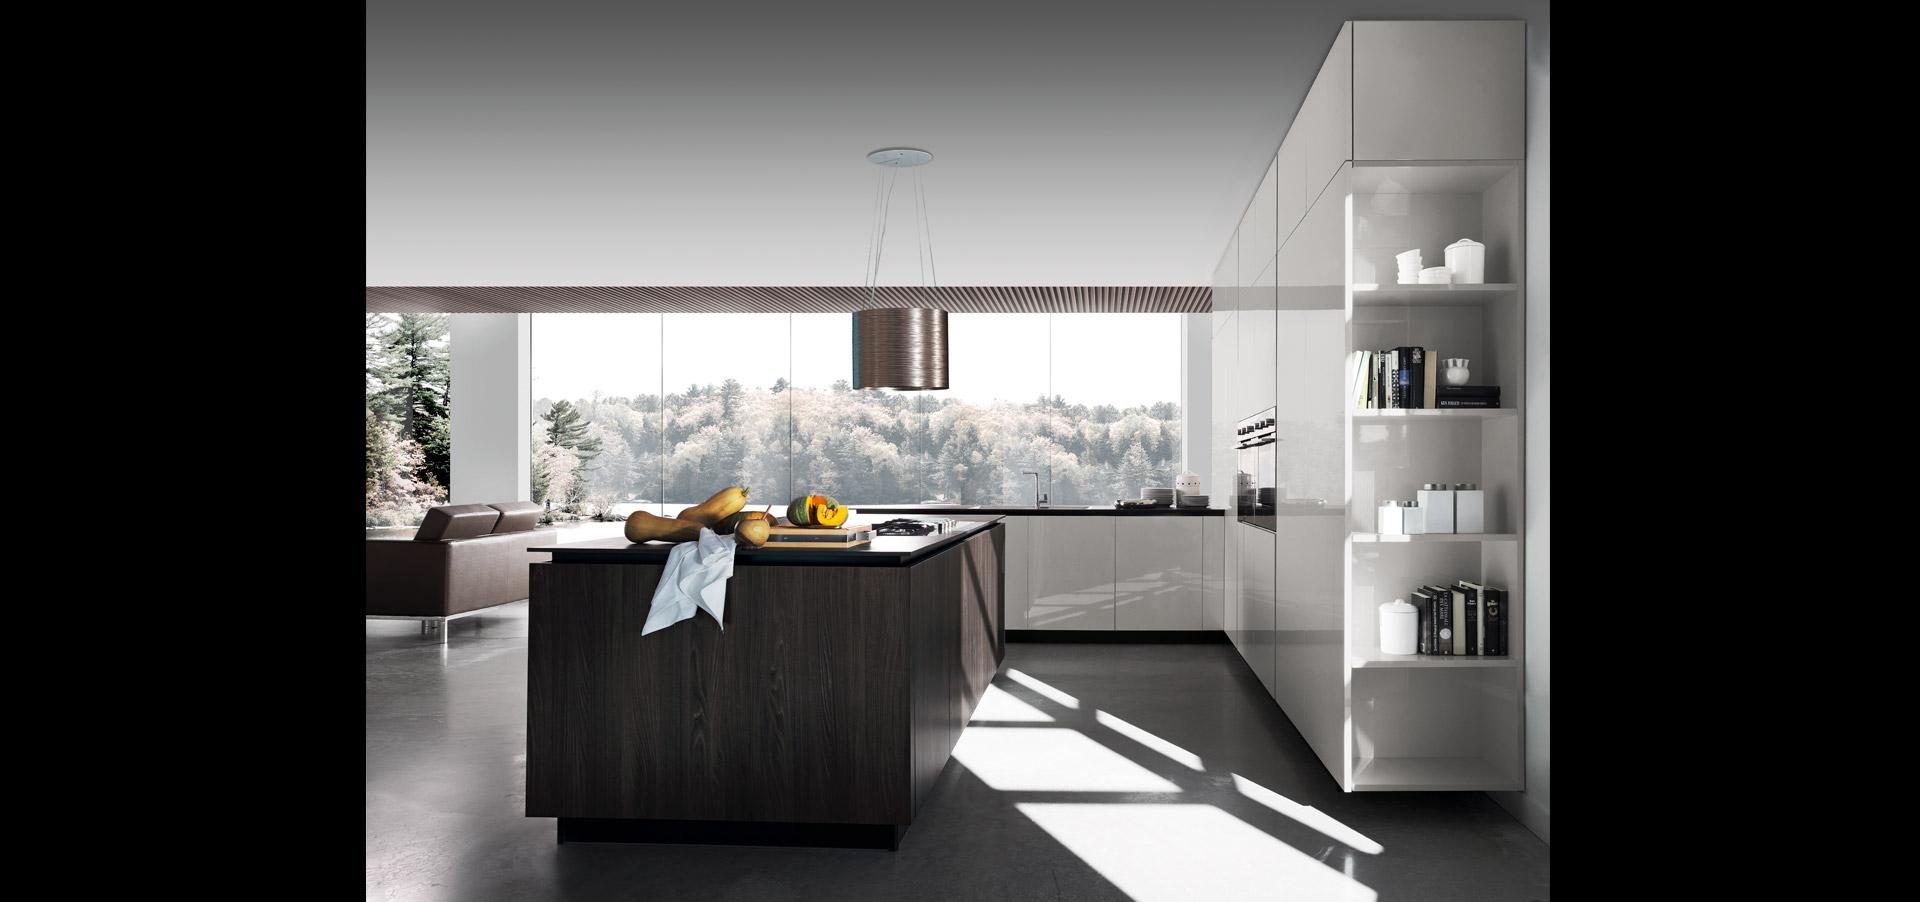 Cucina modulare contemporanea | Sincro Glossy | MITON Cucine